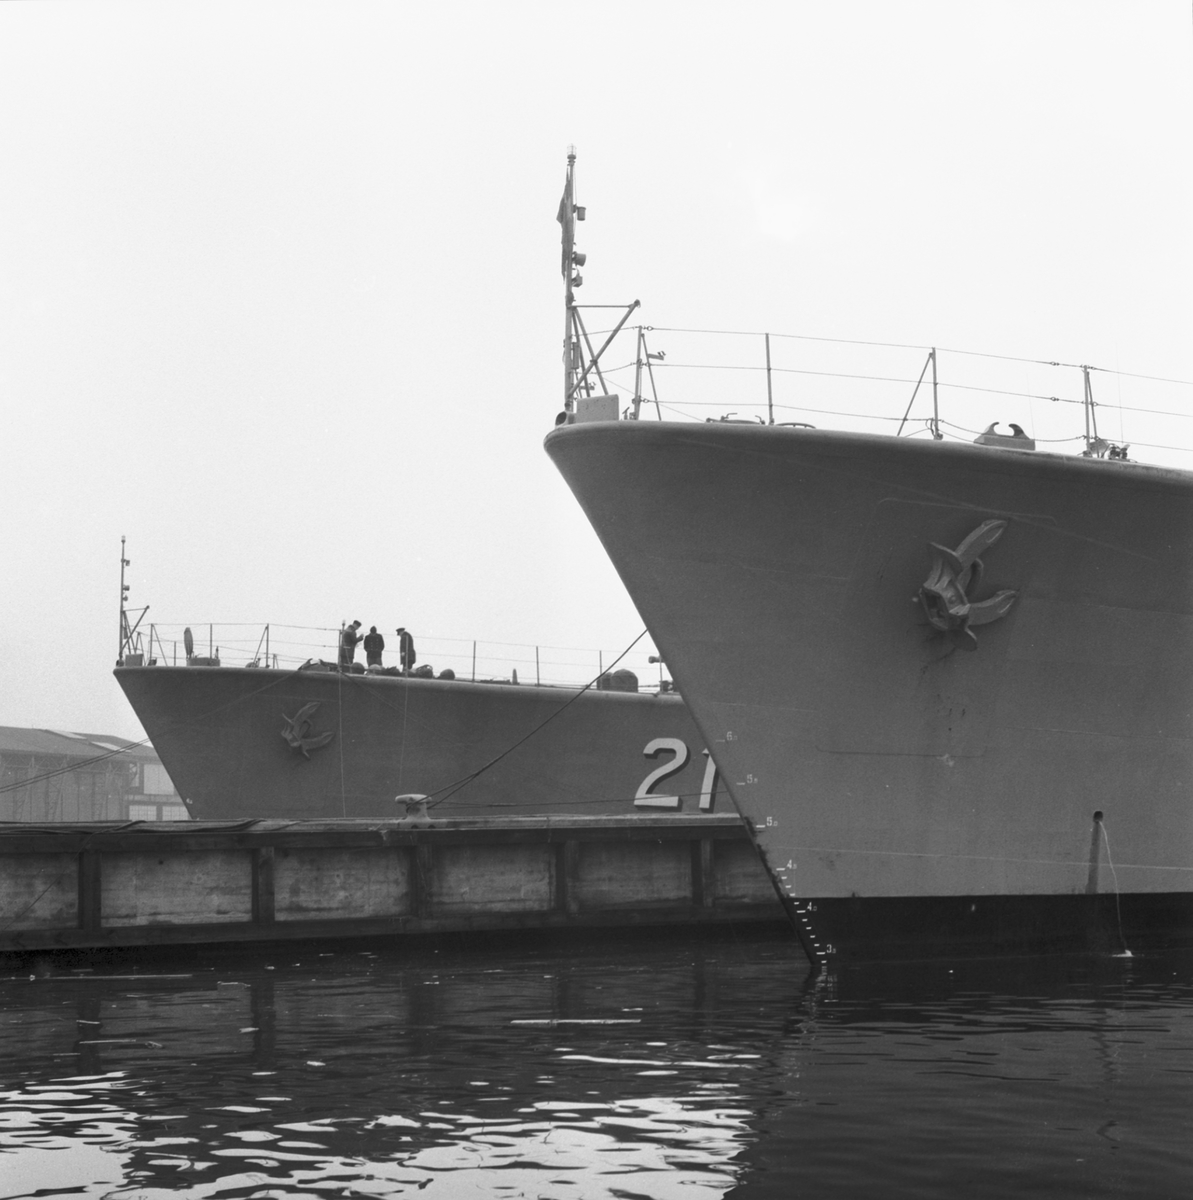 Fartyg: J21 Södermanland               Bredd över allt 11.2 meter Längd över allt 107.0 meter  Rederi: Kungliga Flottan, Marinen Byggår: 1956 Varv: Eriksbergs MV Övrigt: Södermanland vid Kaj.